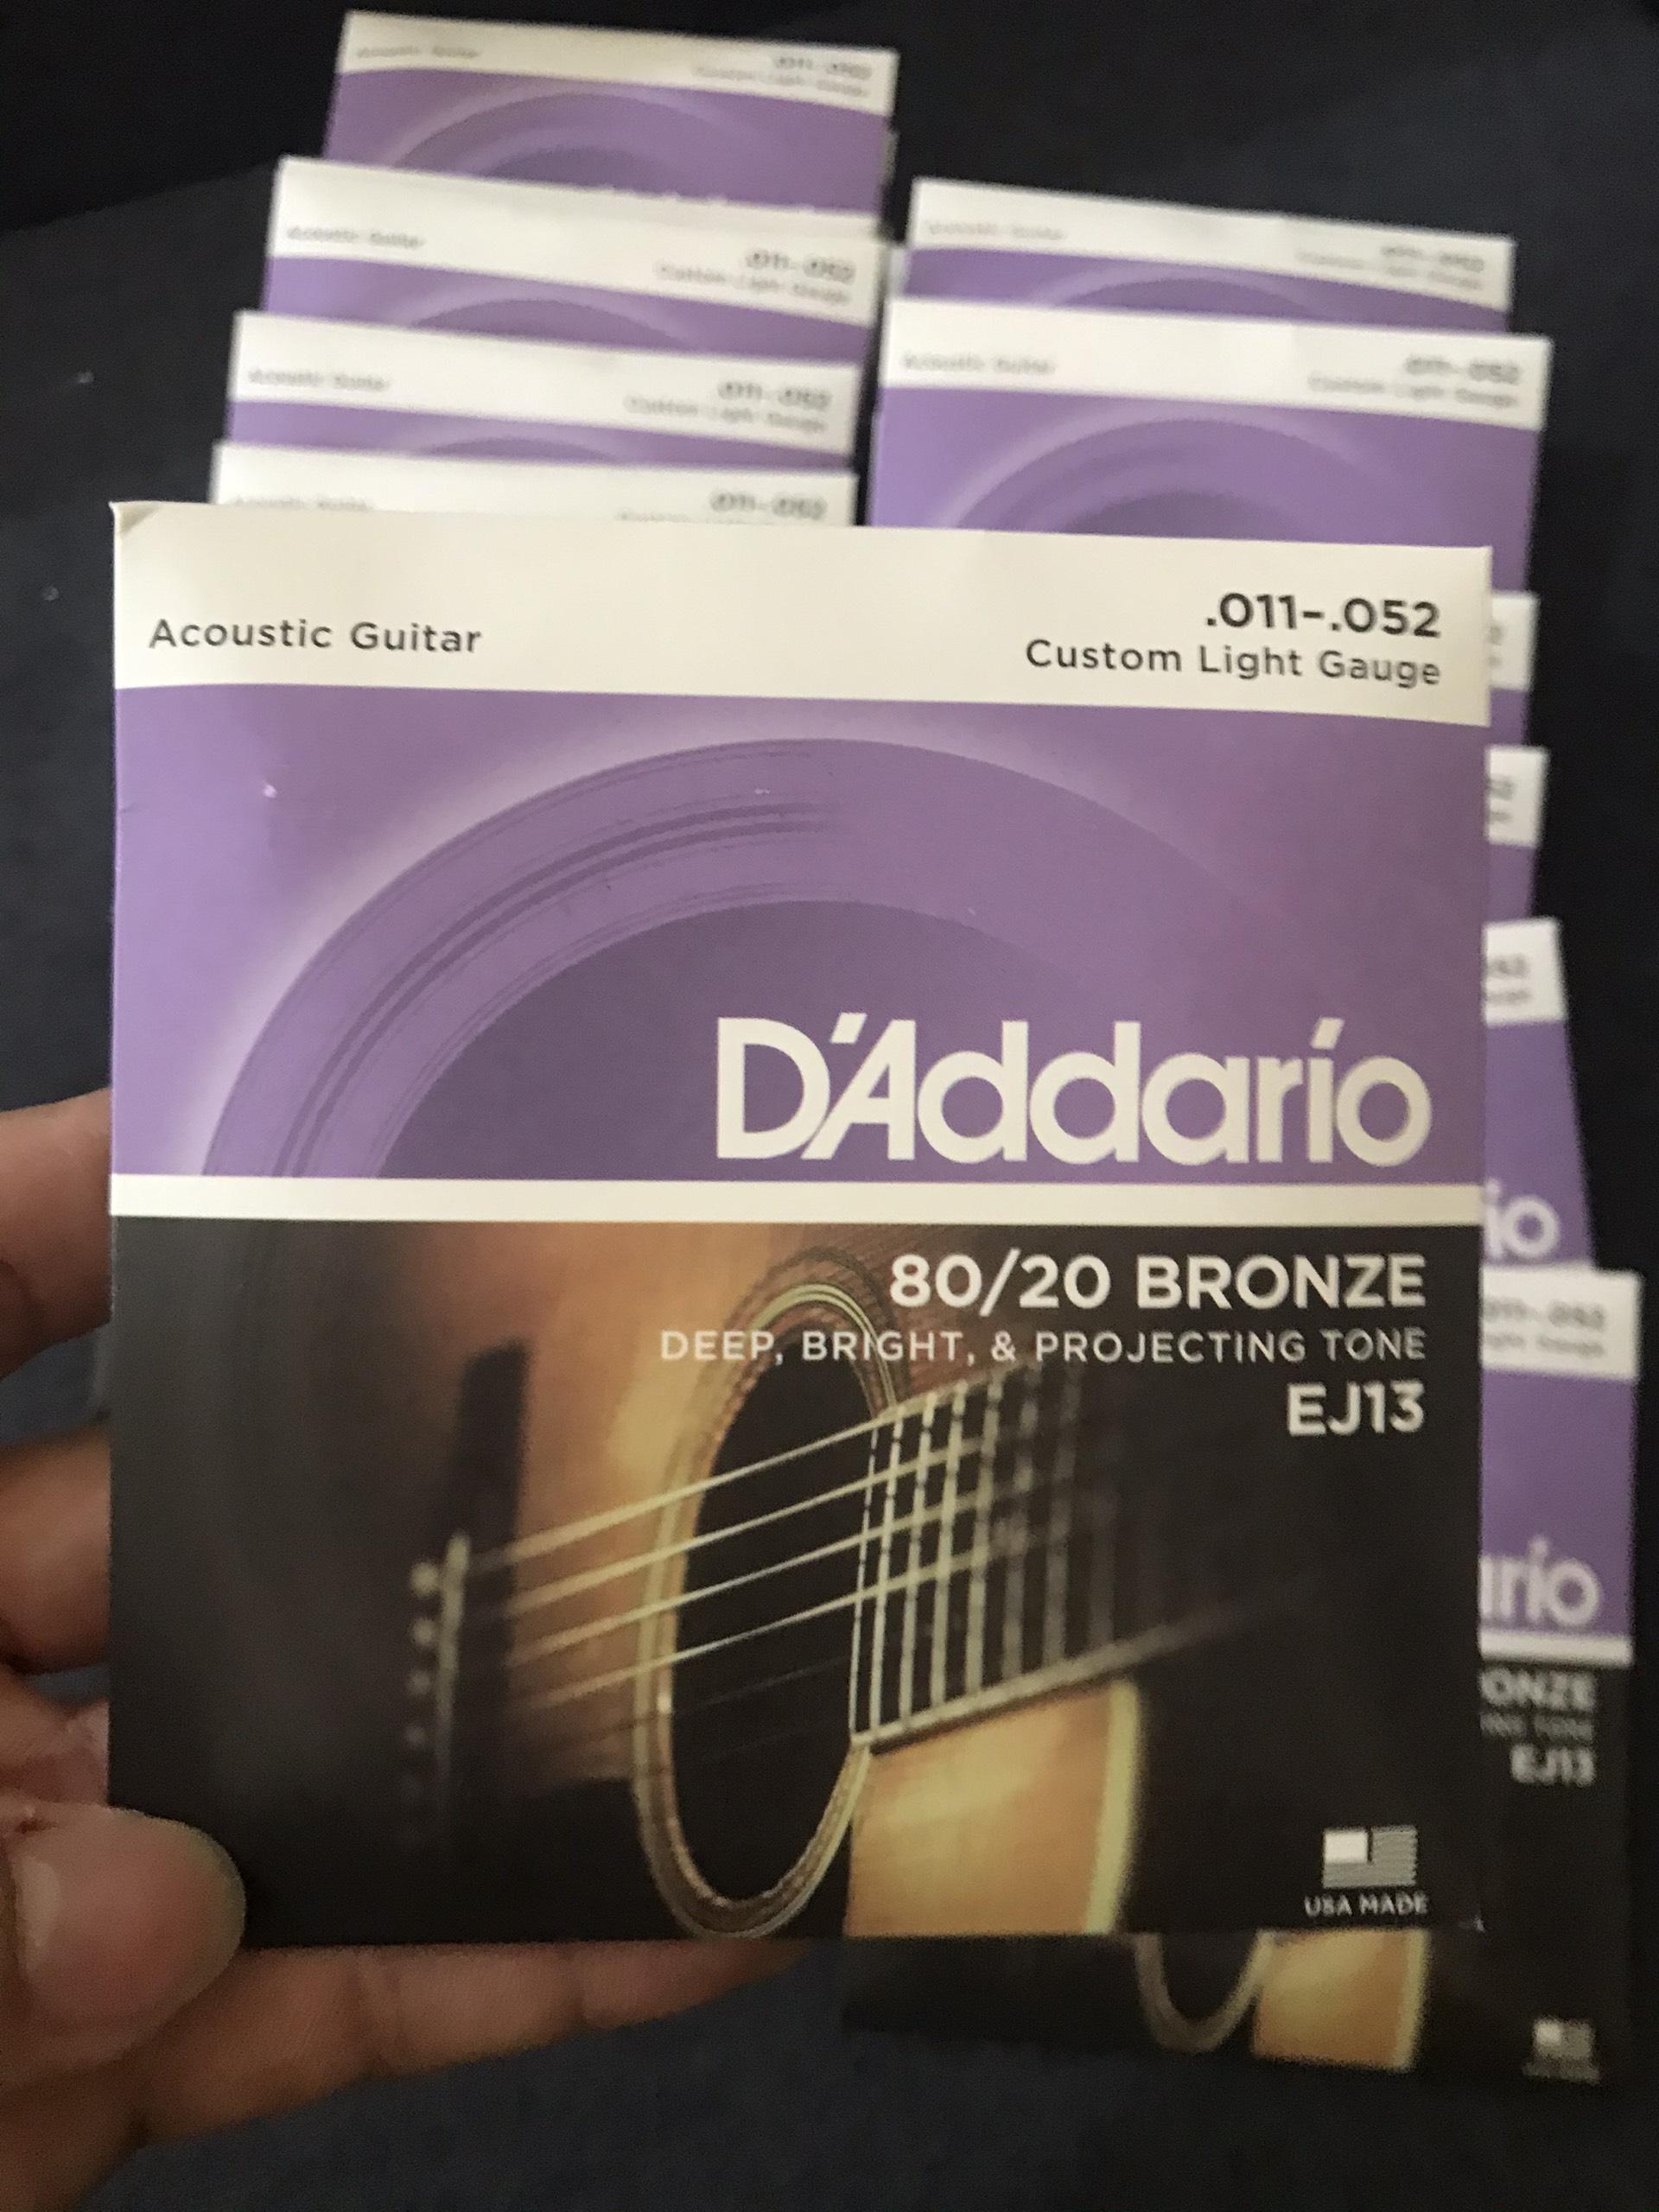 Dây Đàn Guitar Acoustic DAddario EJ13, Loại Customer Light, Thiết Kế bằng Công Nghệ Hiện Đại, Khả Năng Chống Ăn Mòn , Độ Bền Rất Cao